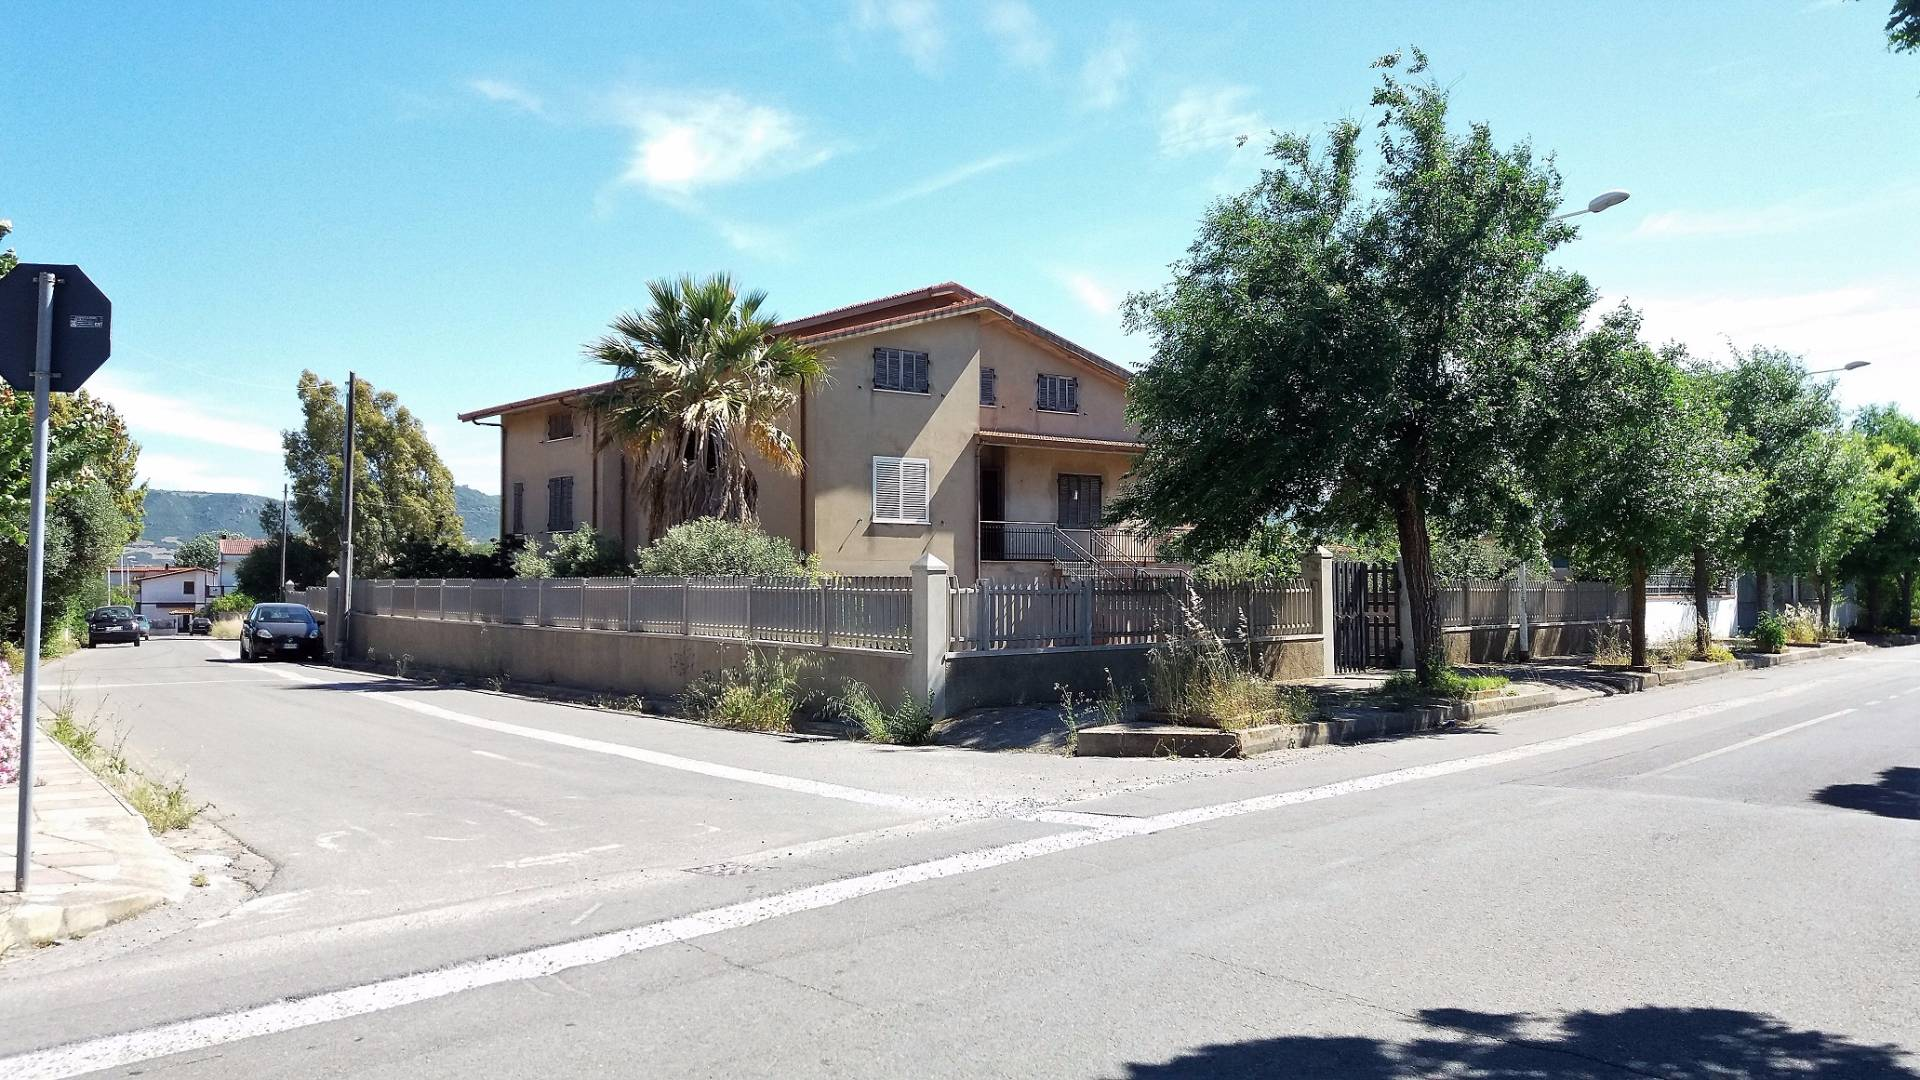 Villa in vendita a Musei, 8 locali, prezzo € 190.000 | CambioCasa.it